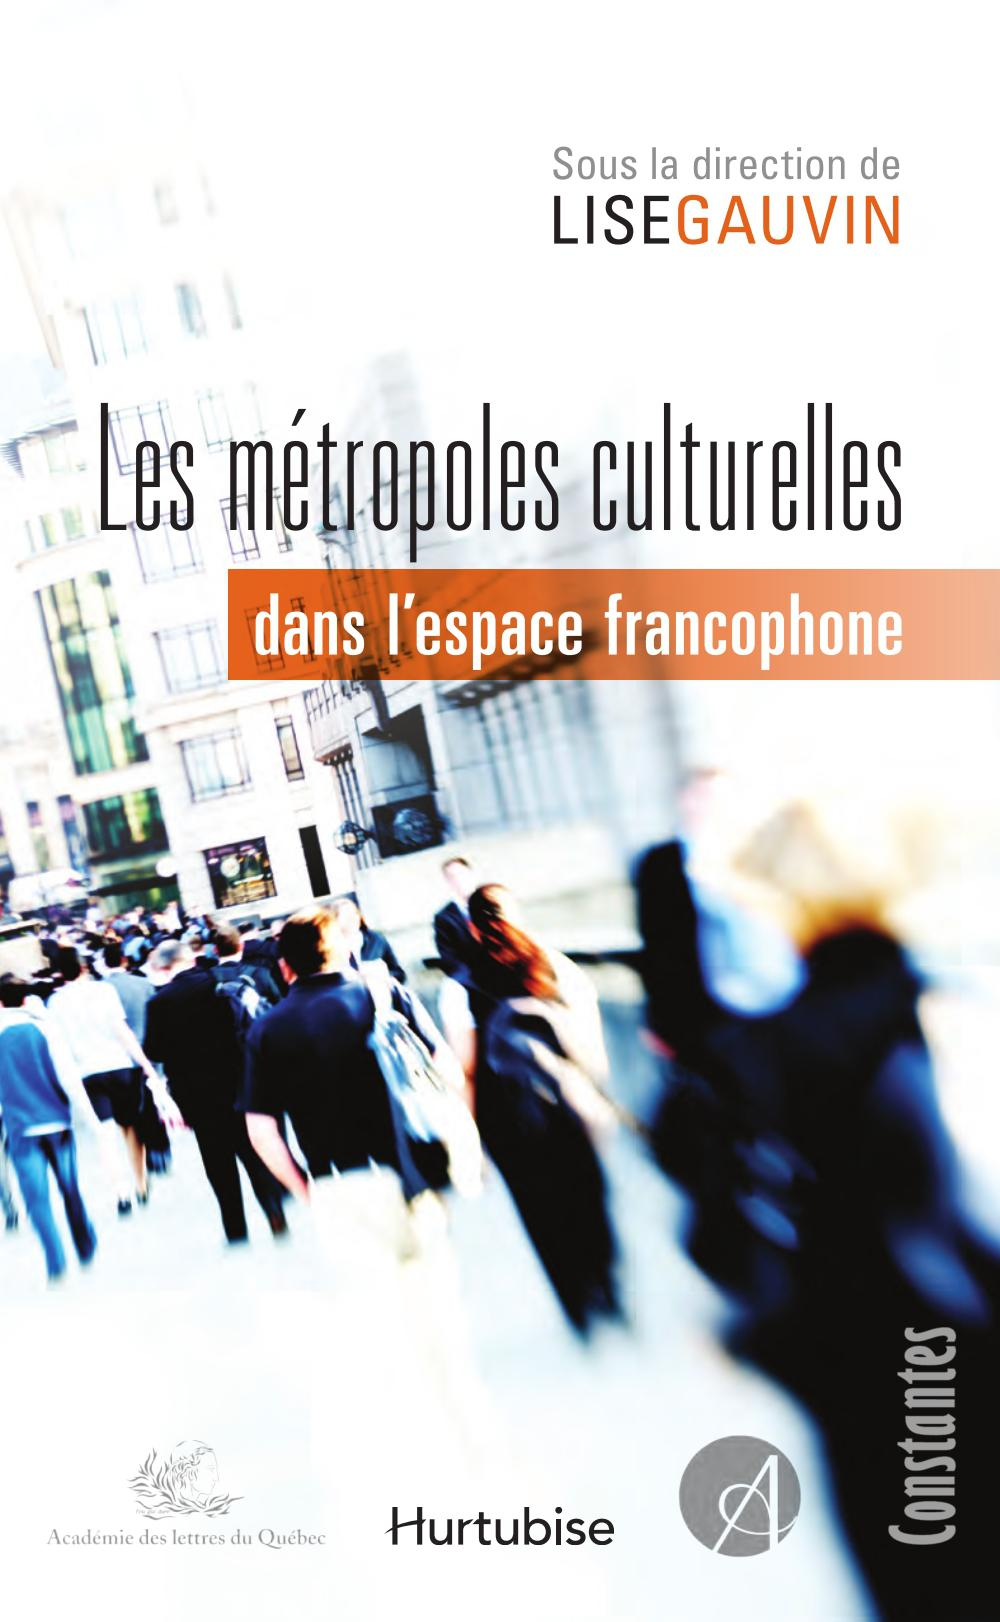 Les Métropoles culturelles dans l'espace francophone